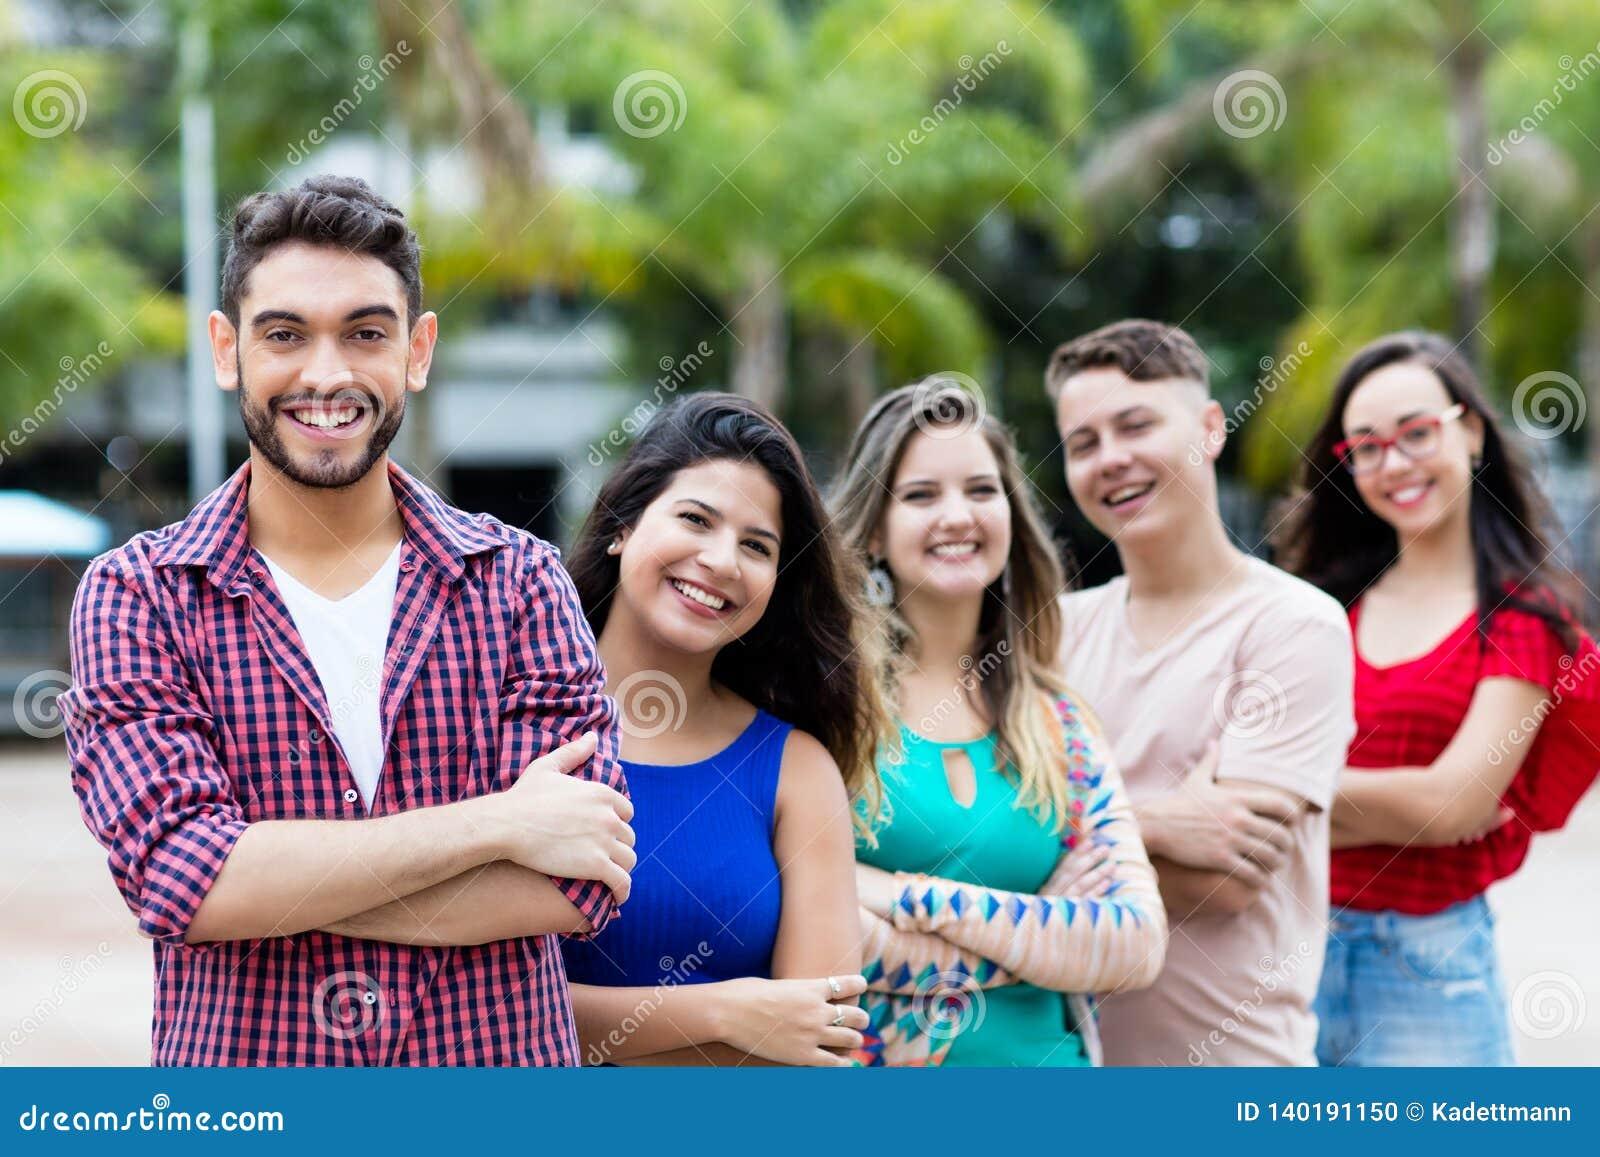 Испанский человек хипстера с мужскими и женскими молодыми взрослыми в линии